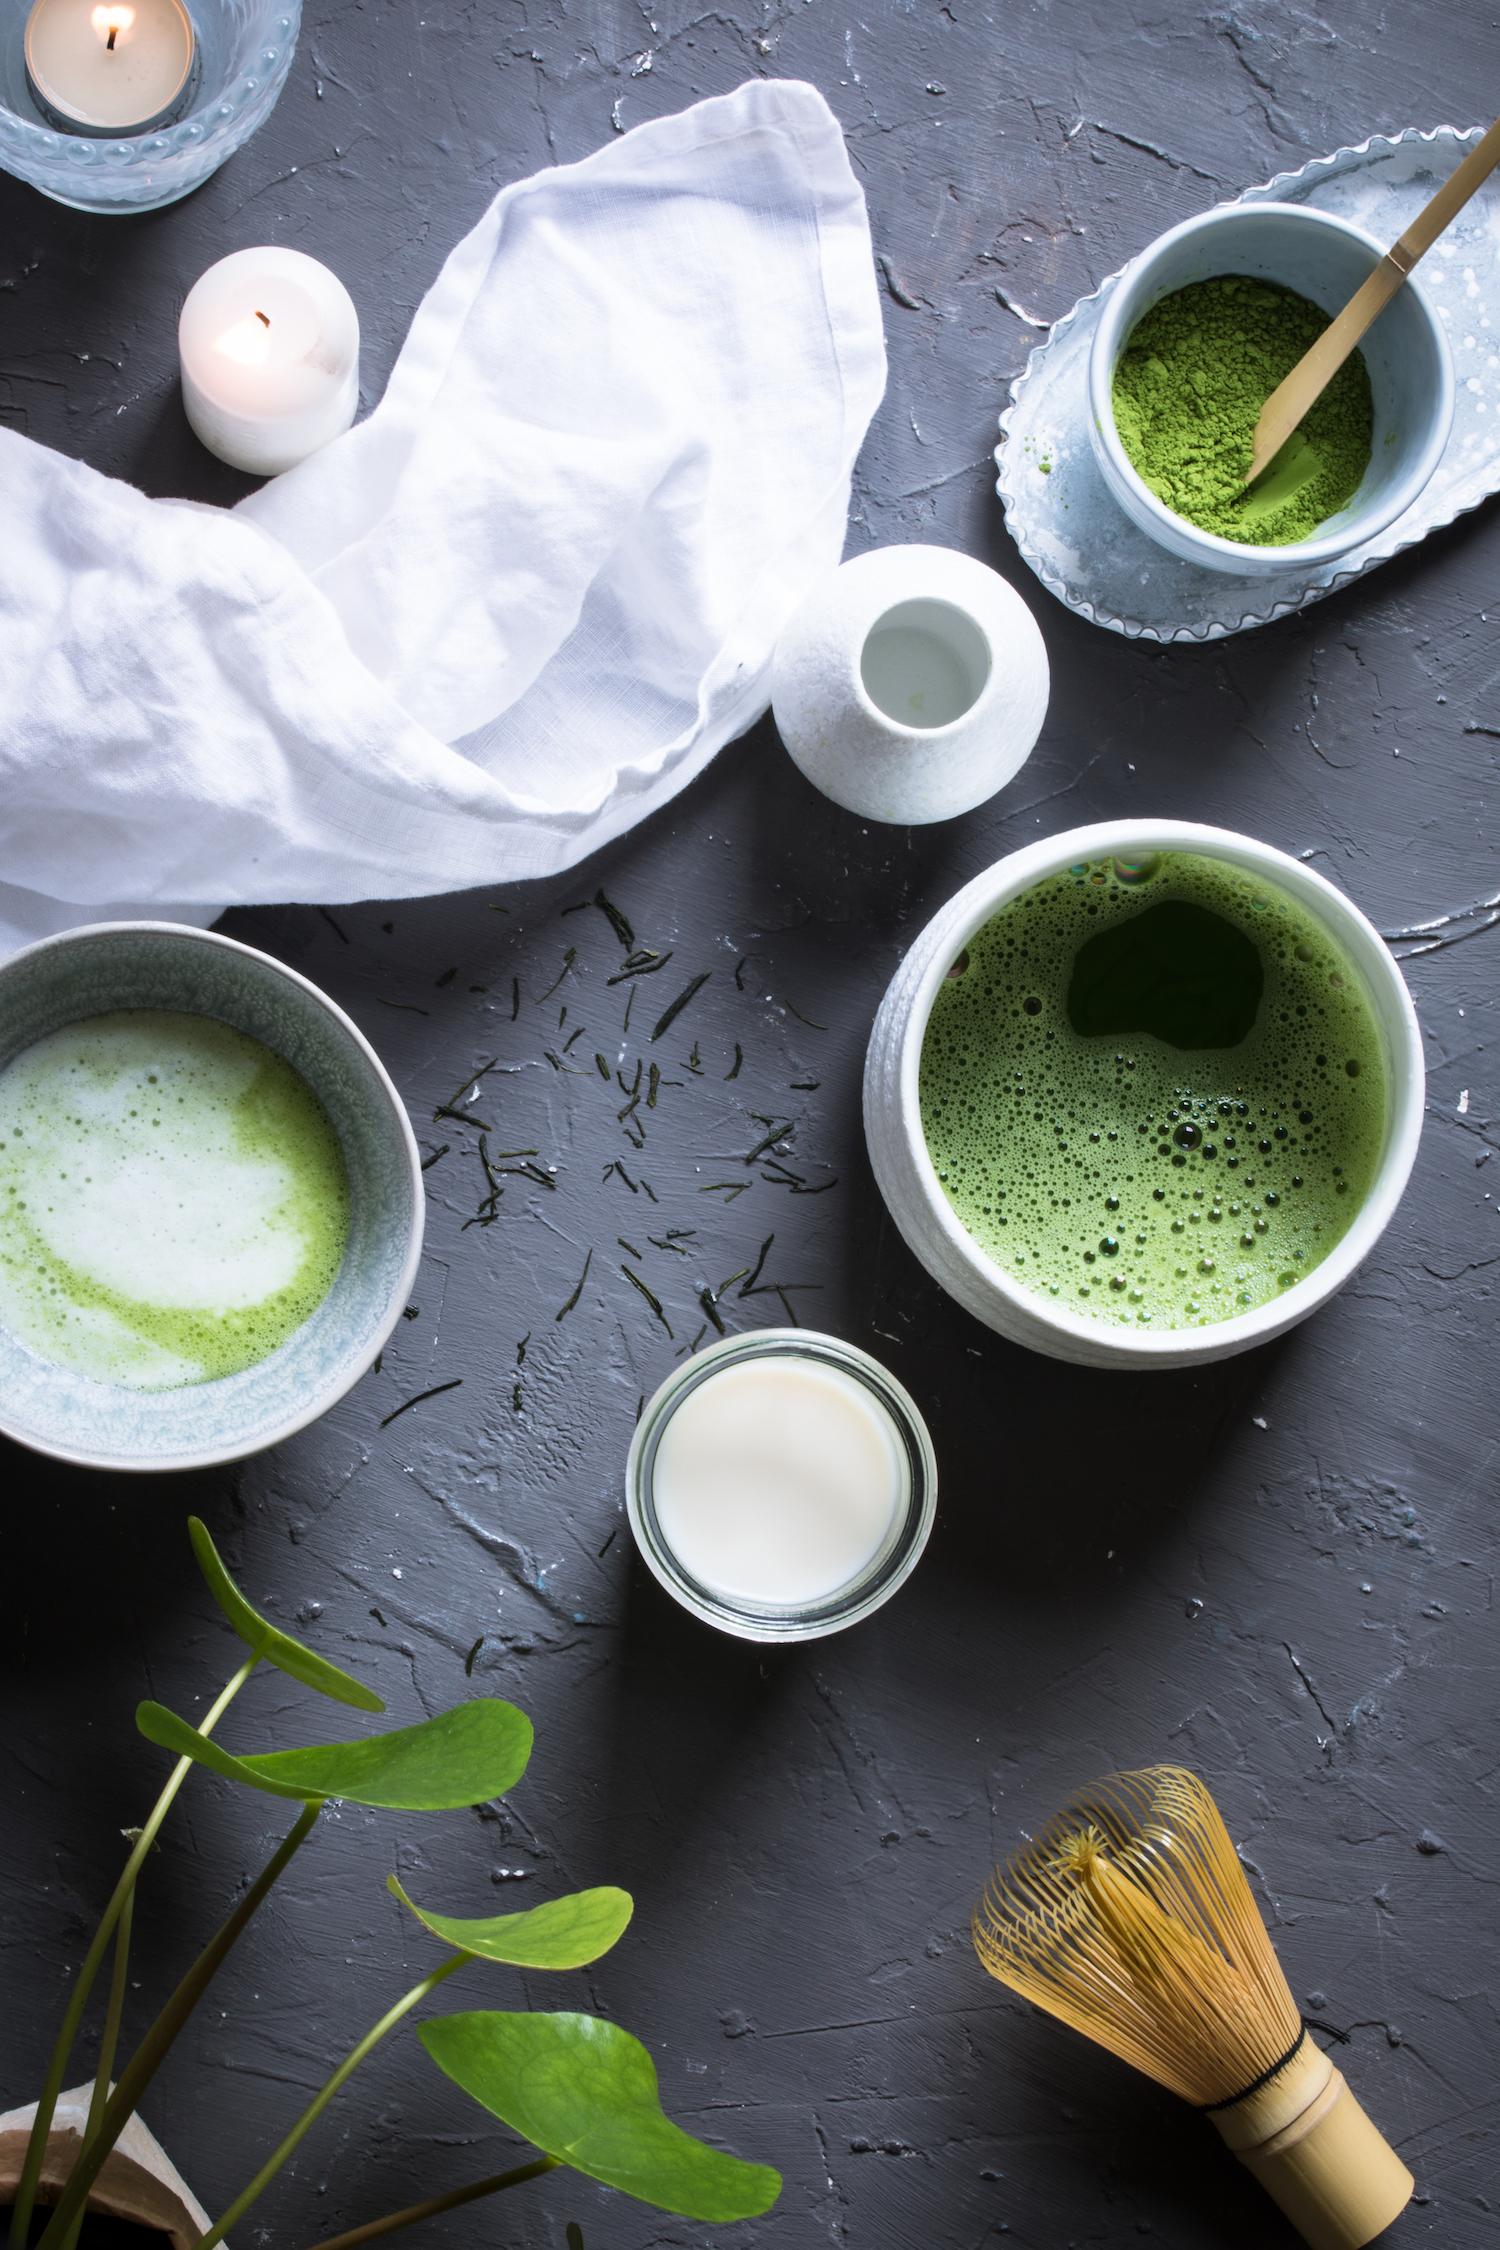 Matcha Zubereitung mit Schale, Besen und Kerzen für eine schöne Teezeremonie.